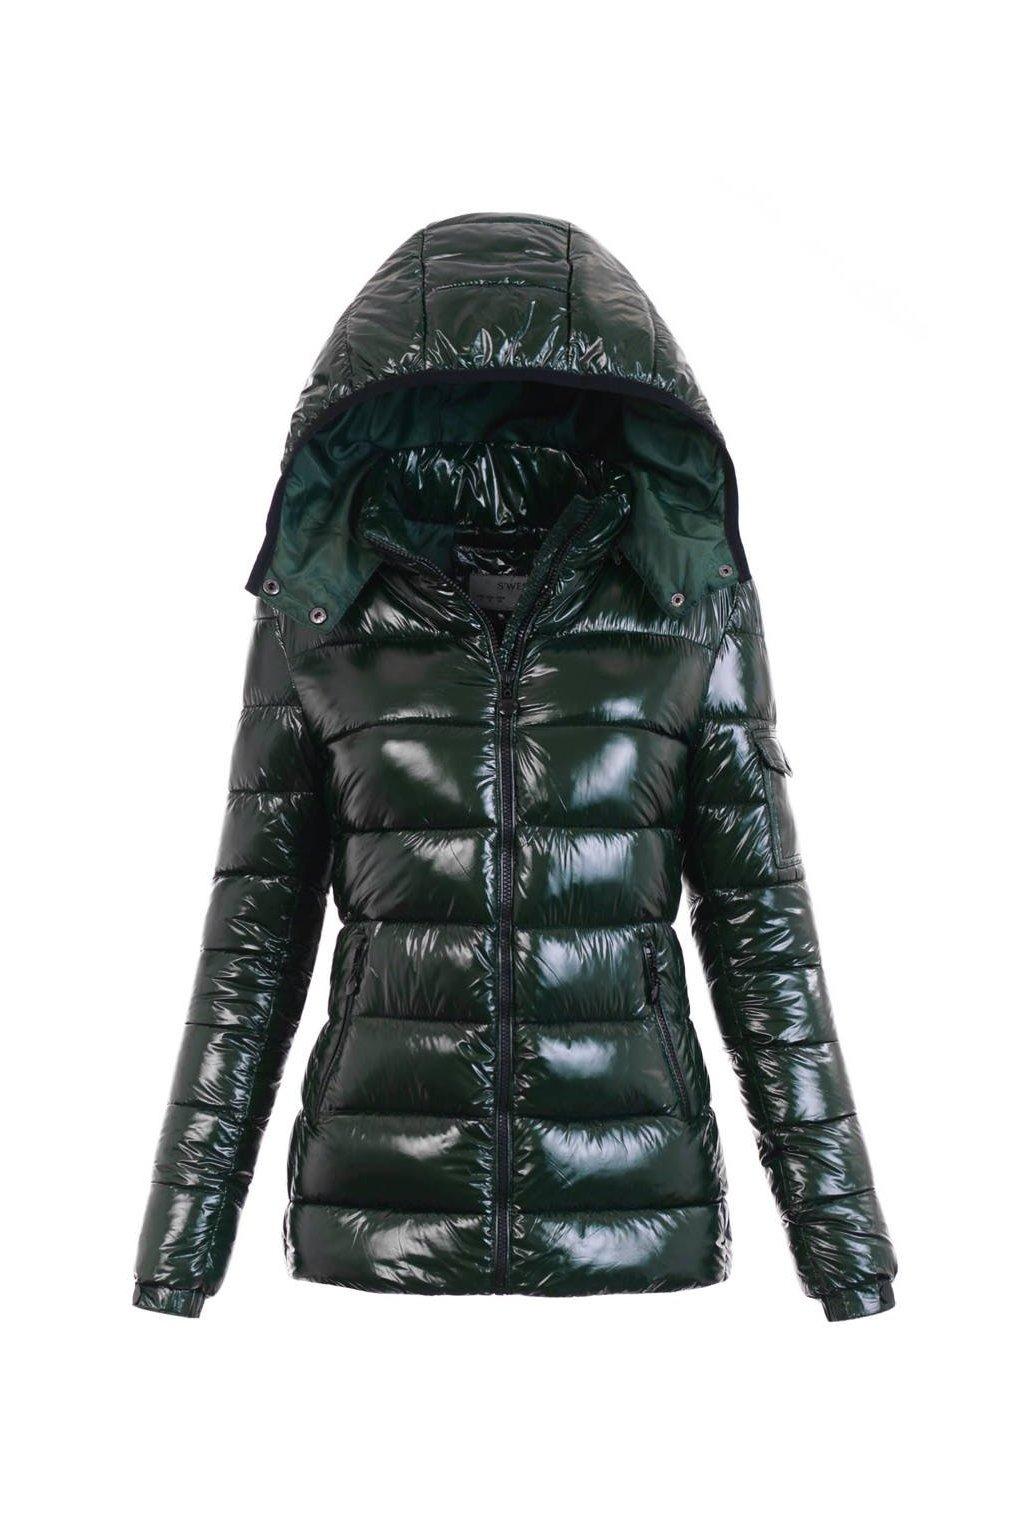 Dámska zimná bunda s kapucňou 5999 zelená